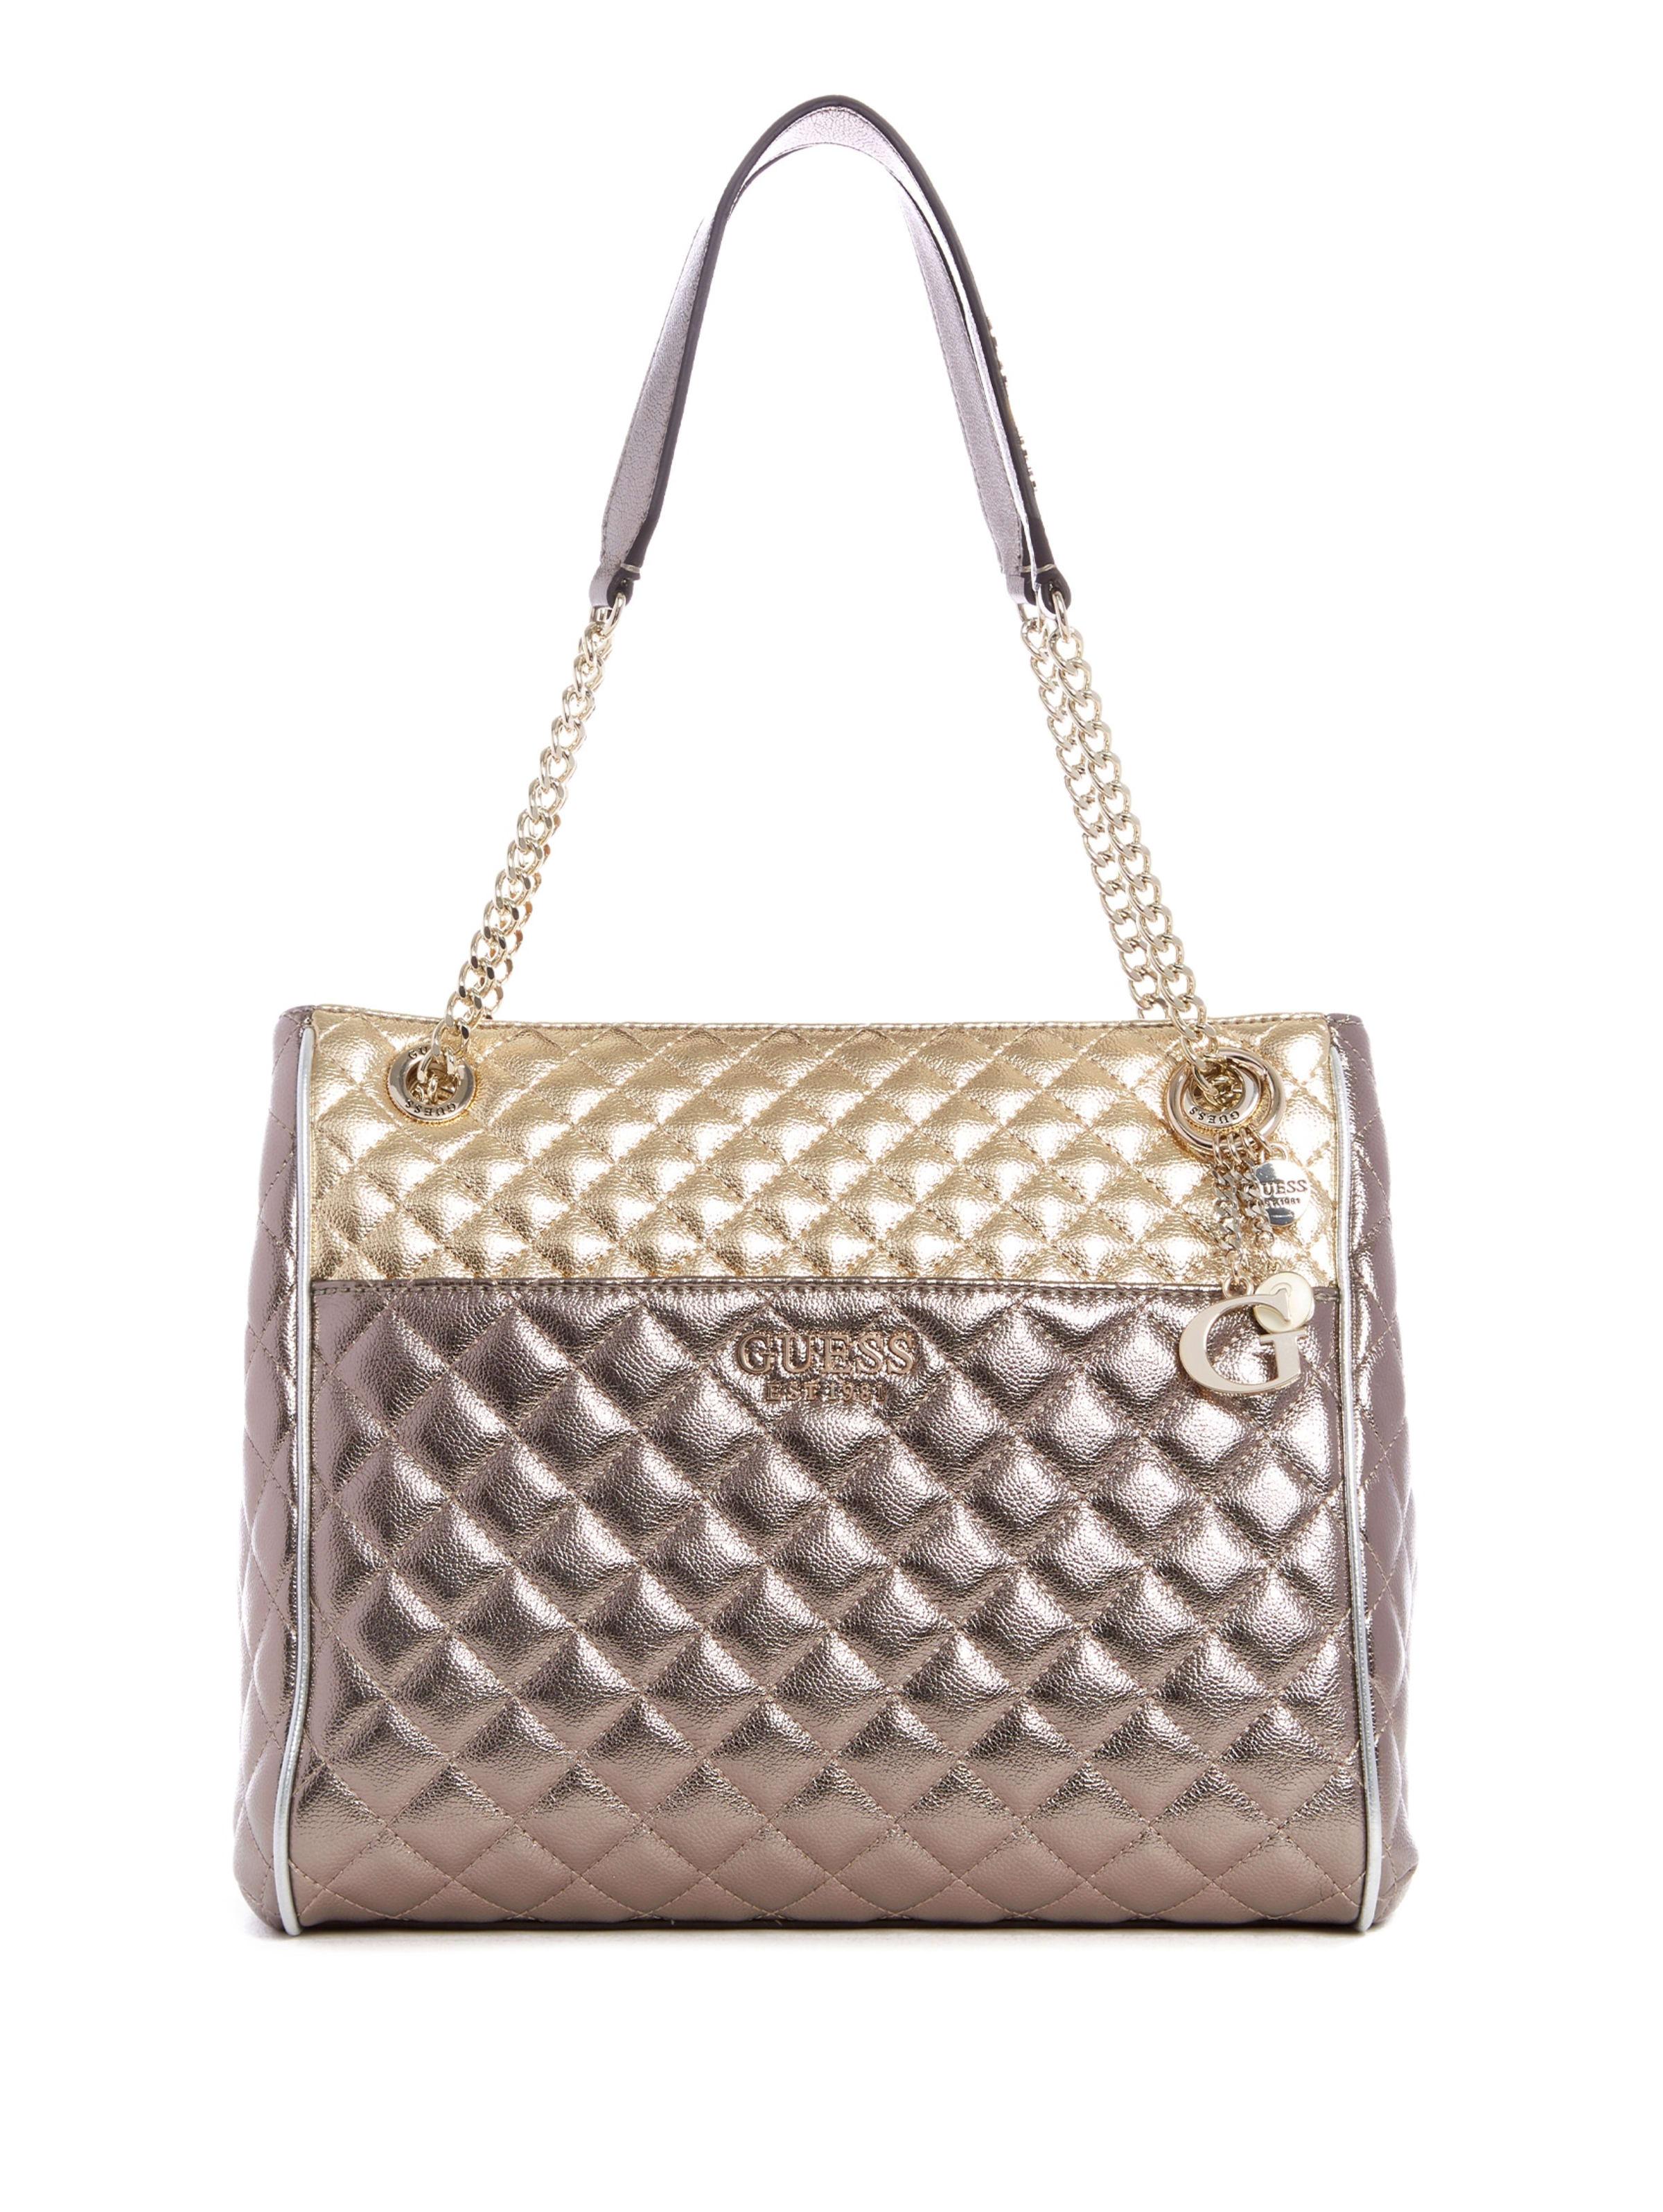 Brielle Large Girlfriend Satchel Bag